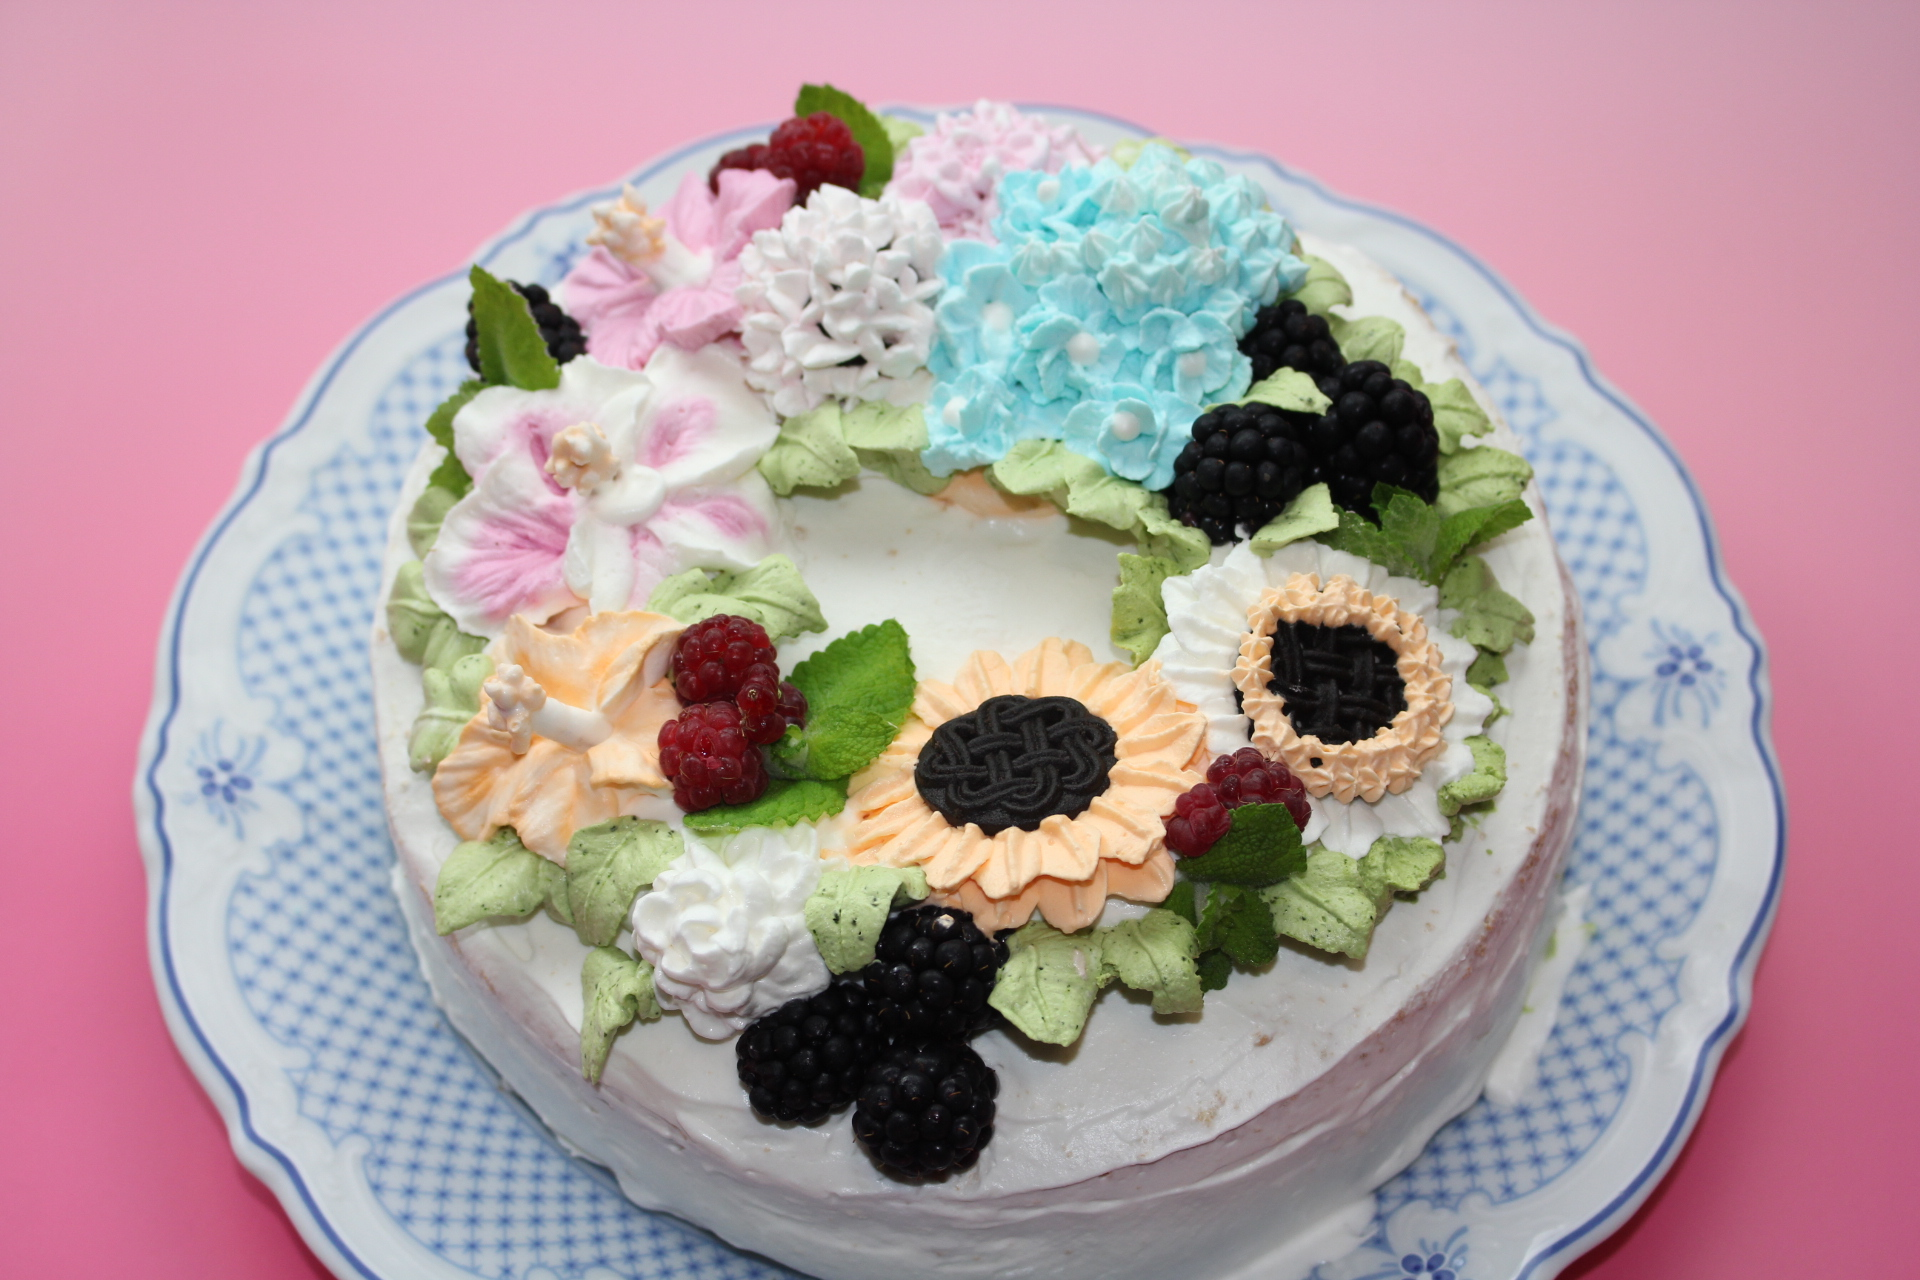 紫陽花とハイビスカスと向日葵のバースデーケーキ